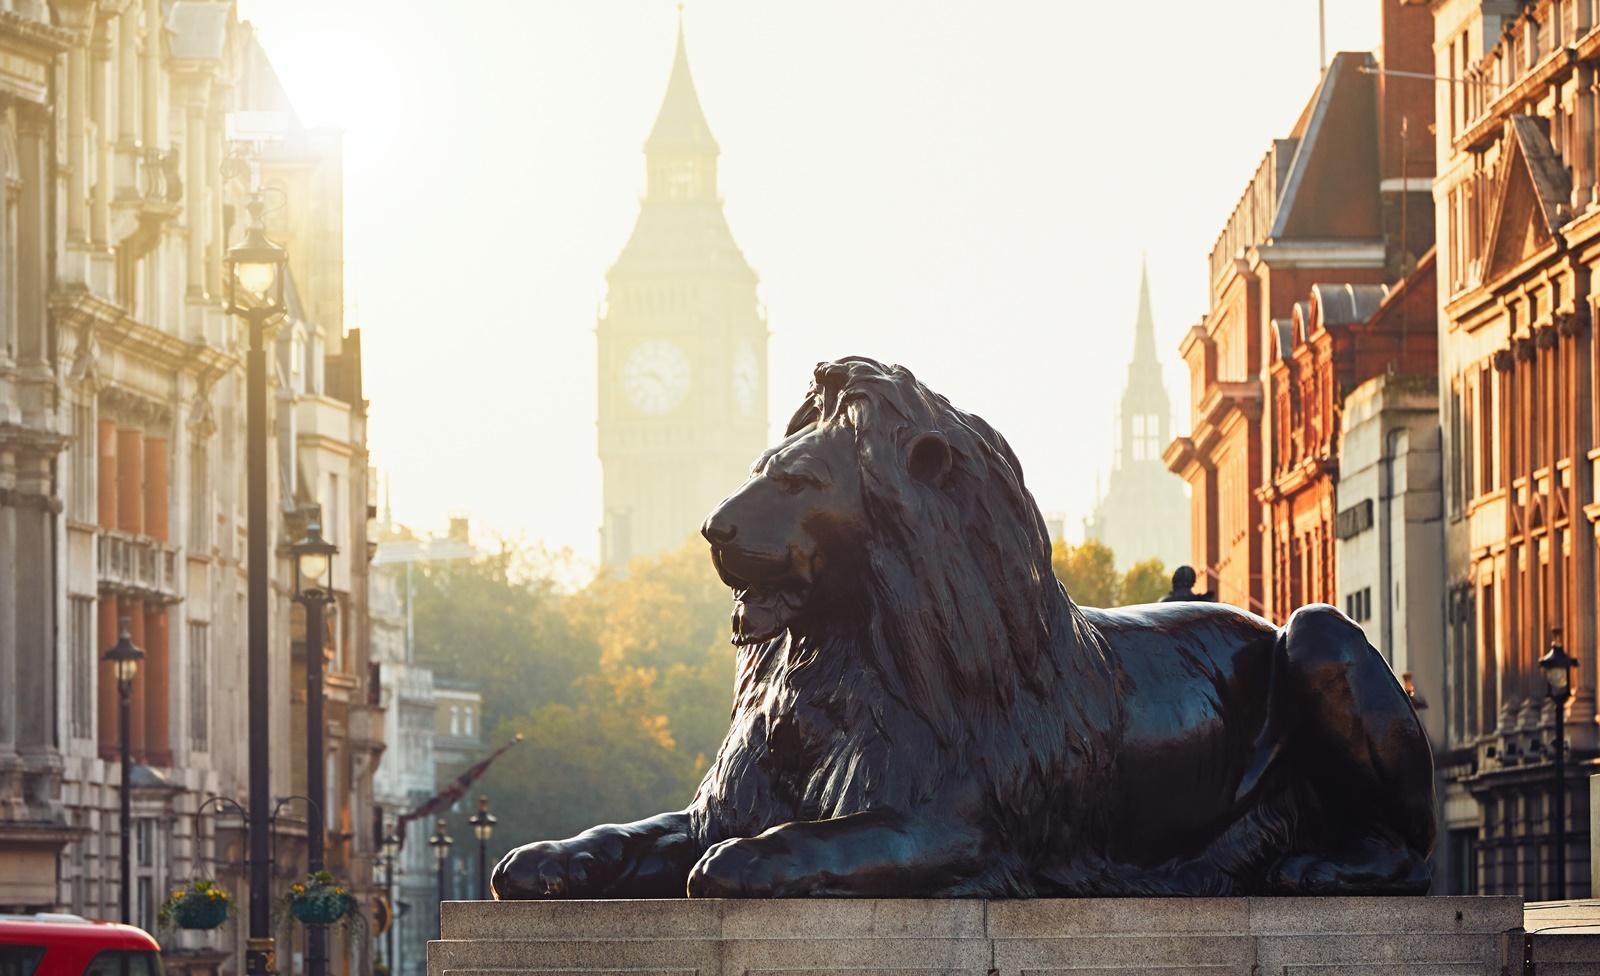 Löwenskulptur Trafalgar Square